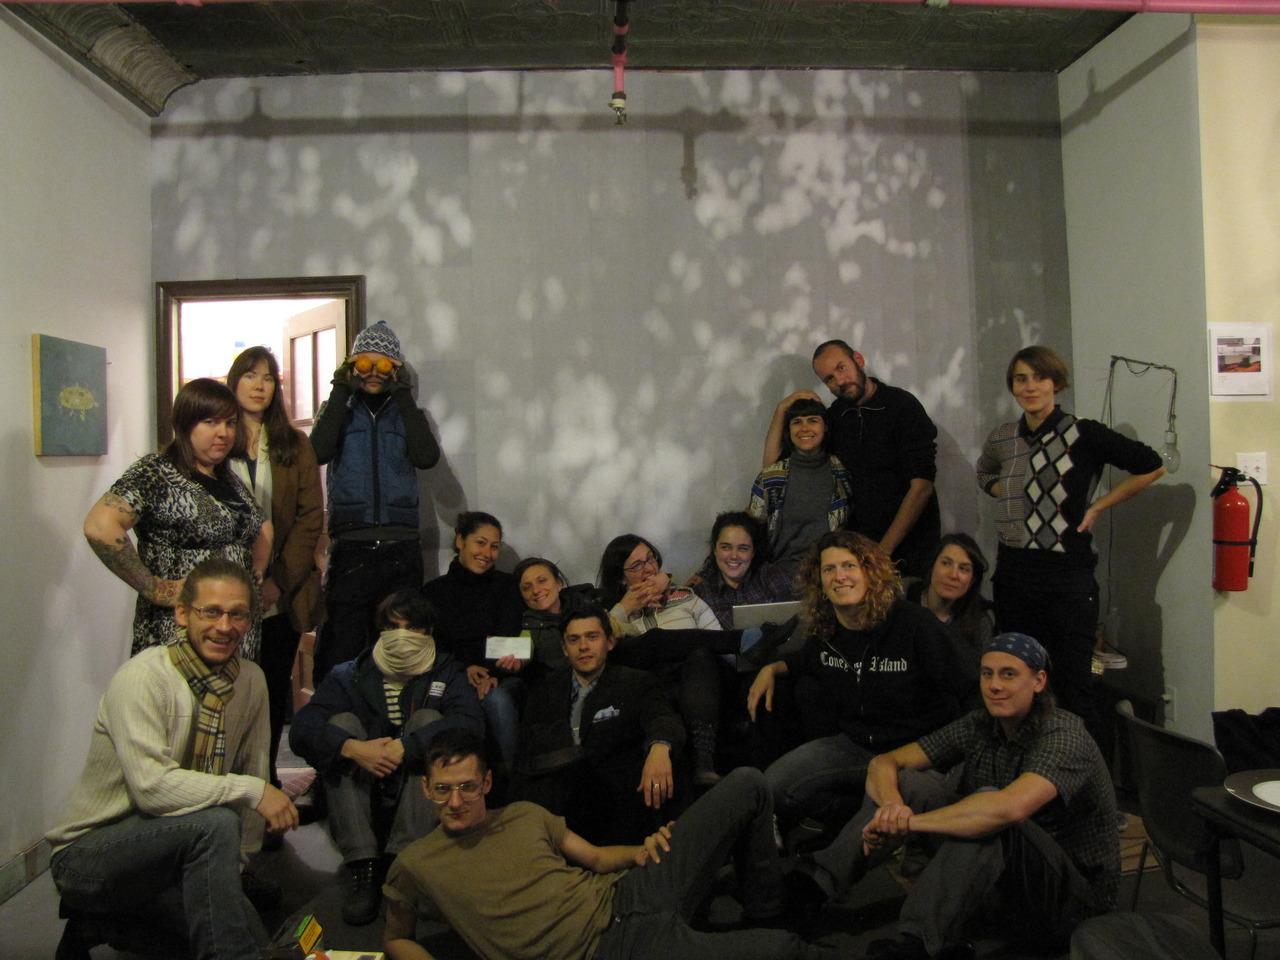 Flux Factory. 11.9.10